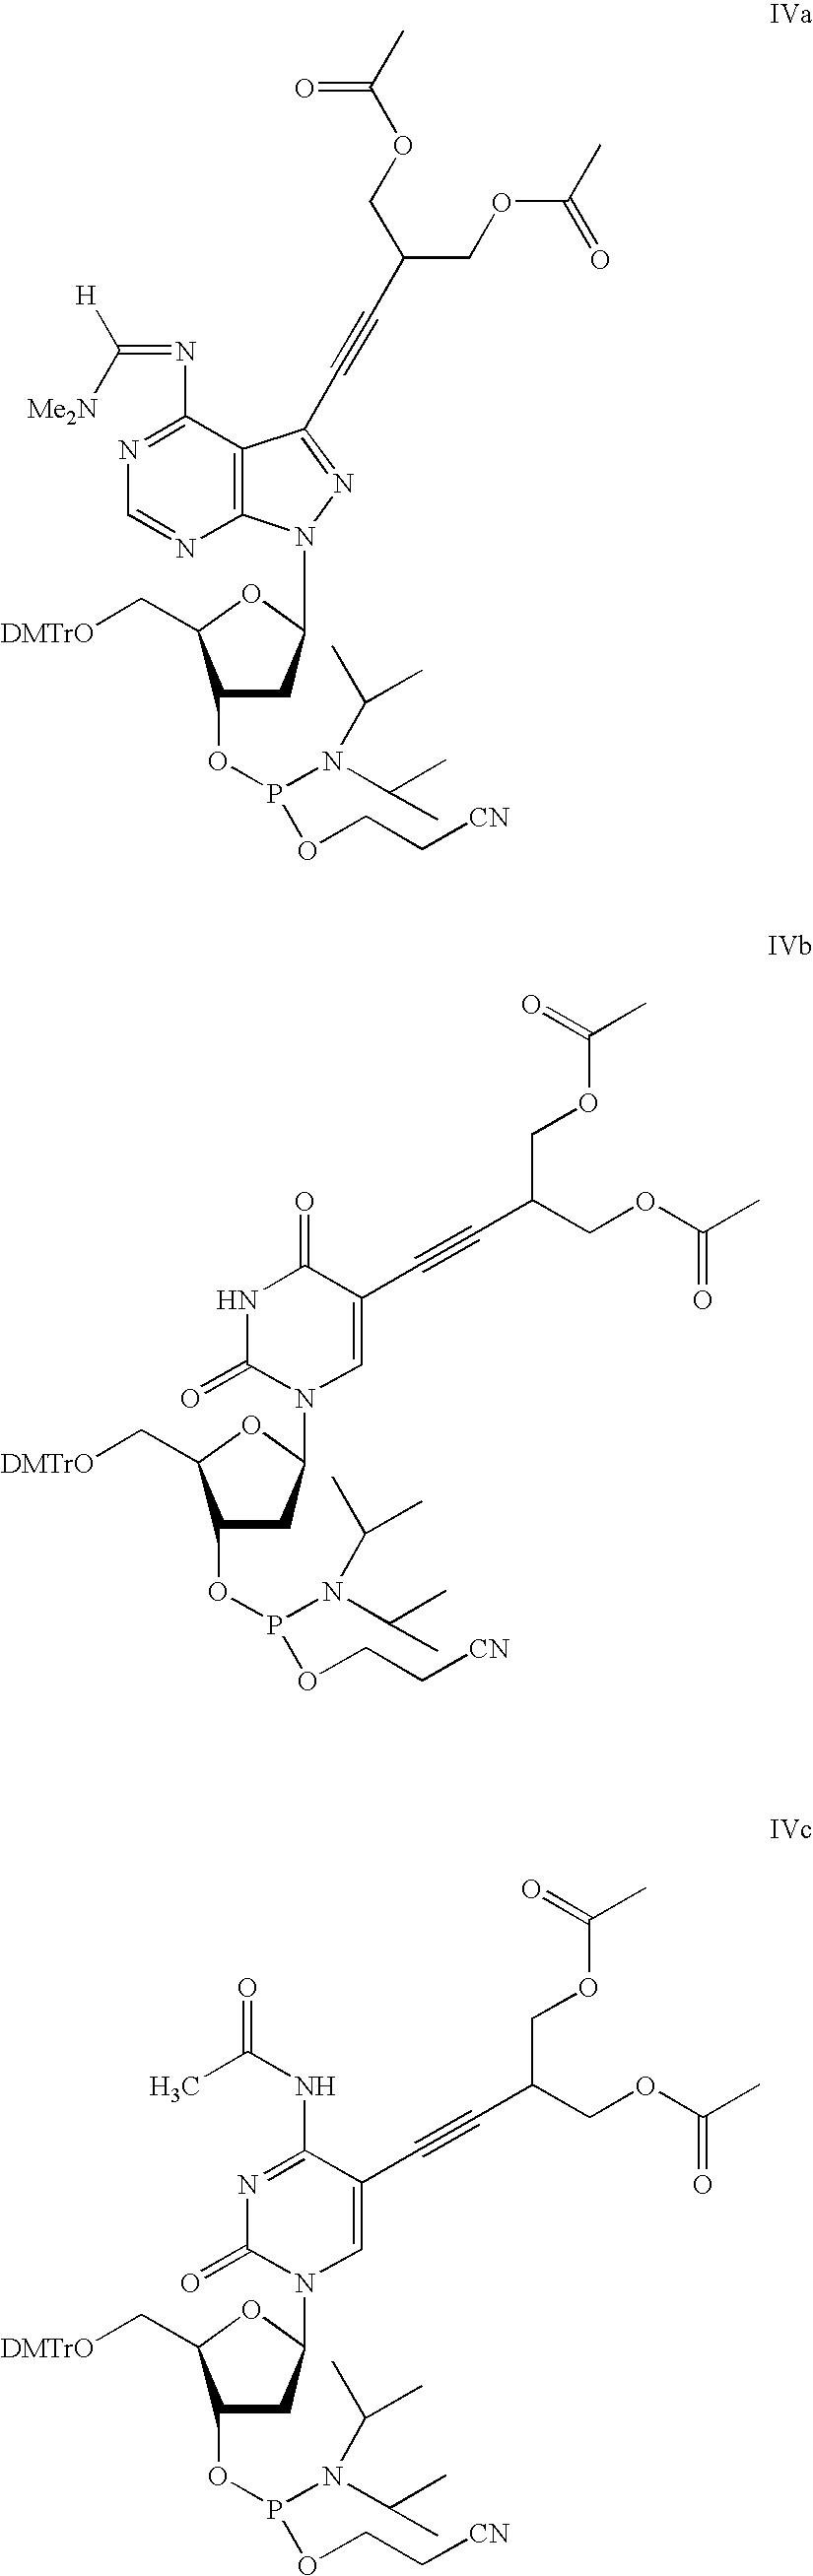 Figure US06949367-20050927-C00032